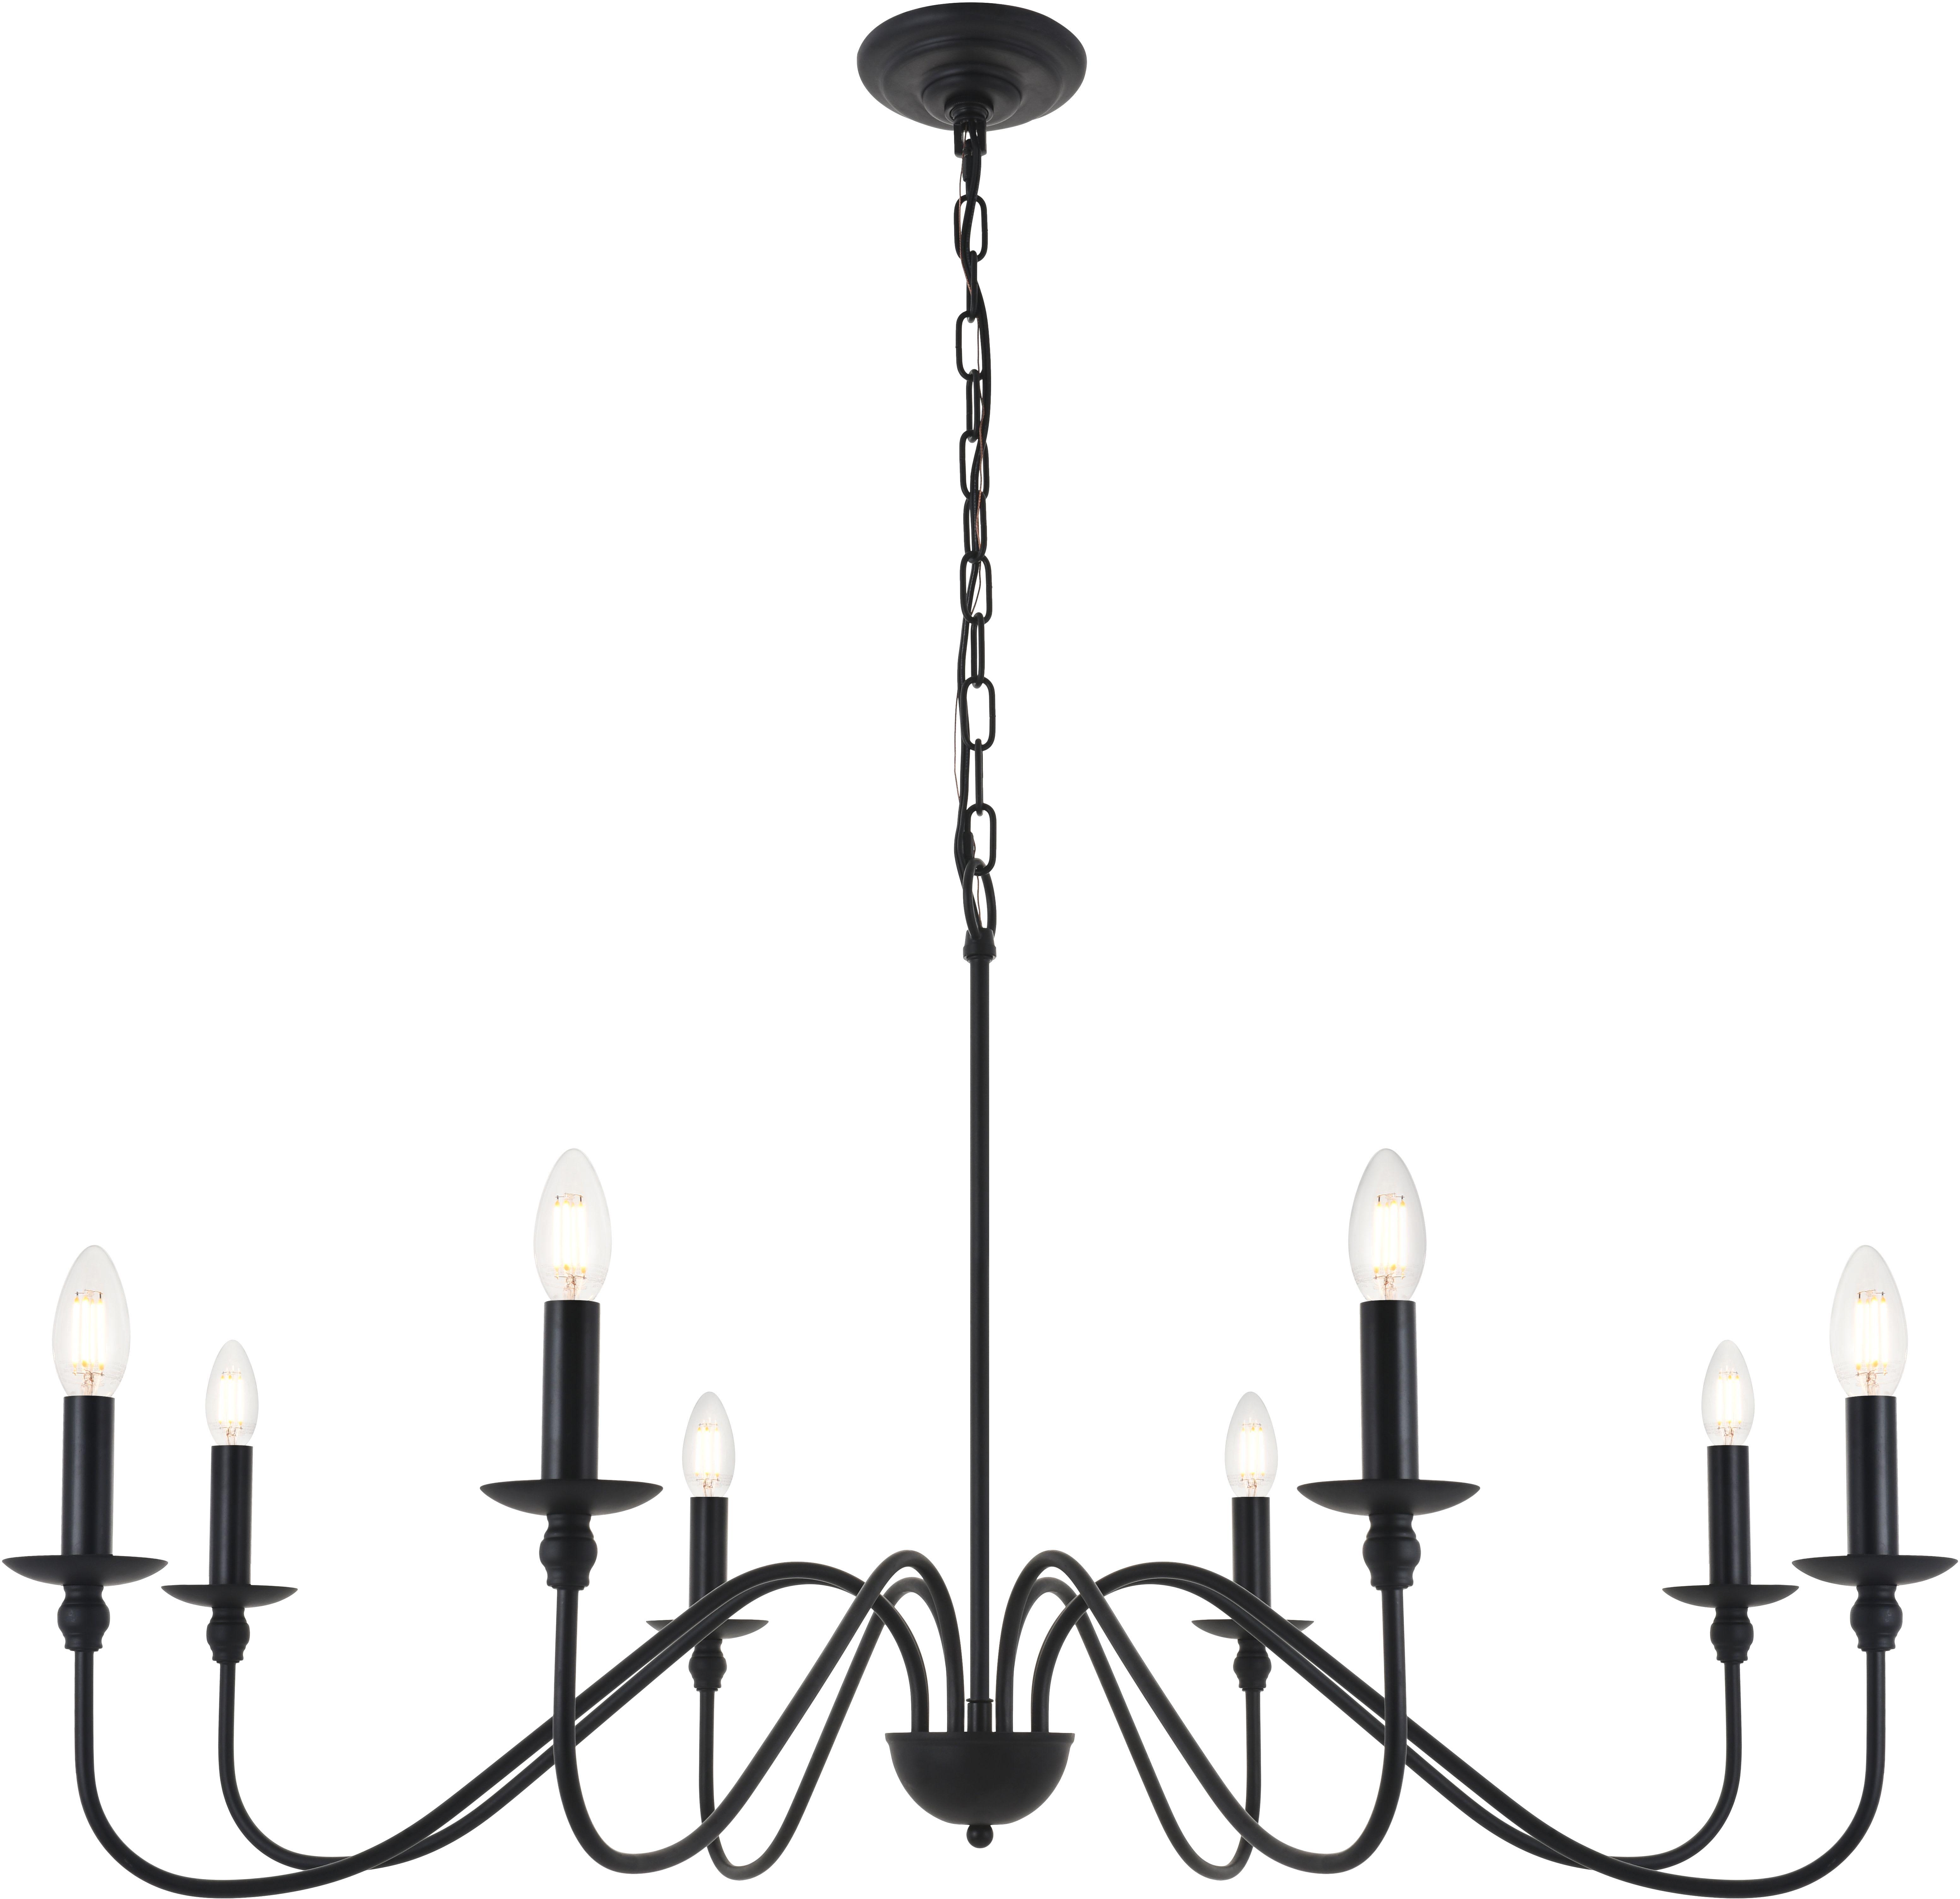 Elegant Lighting Ld5006d42mb Matte Black Rohan 8 Light 42 Wide Taper Candle Chandelier Lightingdirect Com